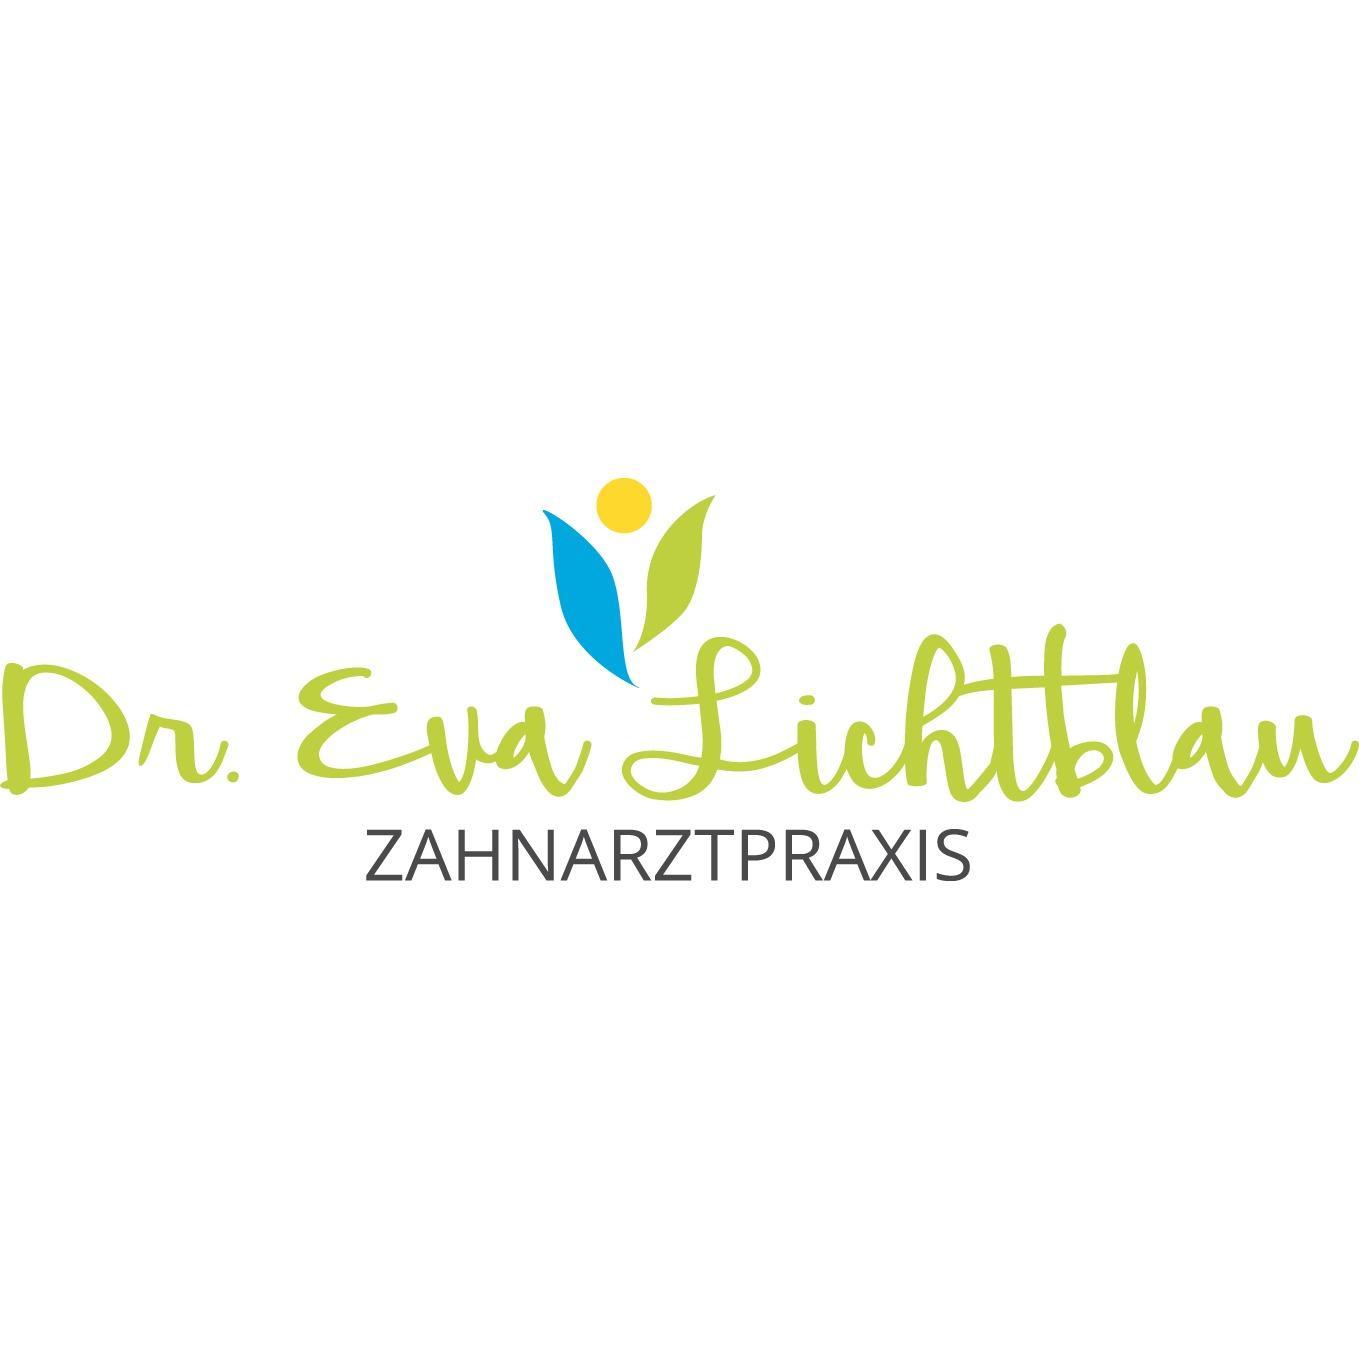 Zahnarztpraxis Dr. Eva Lichtblau